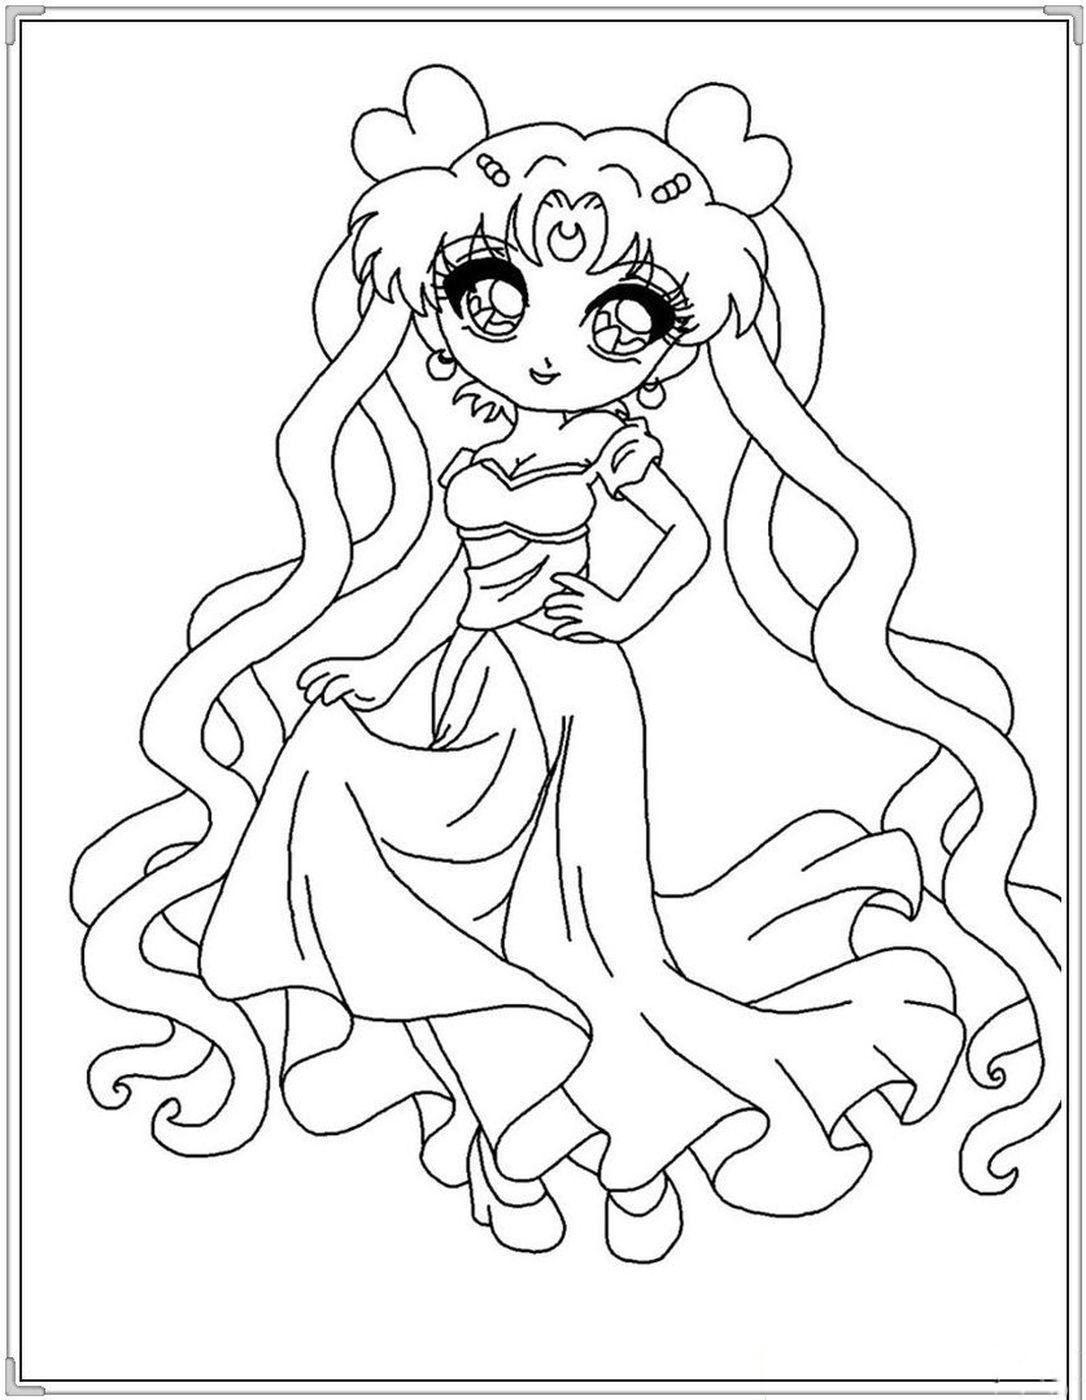 Tranh tô màu công chúa anime đơn giản